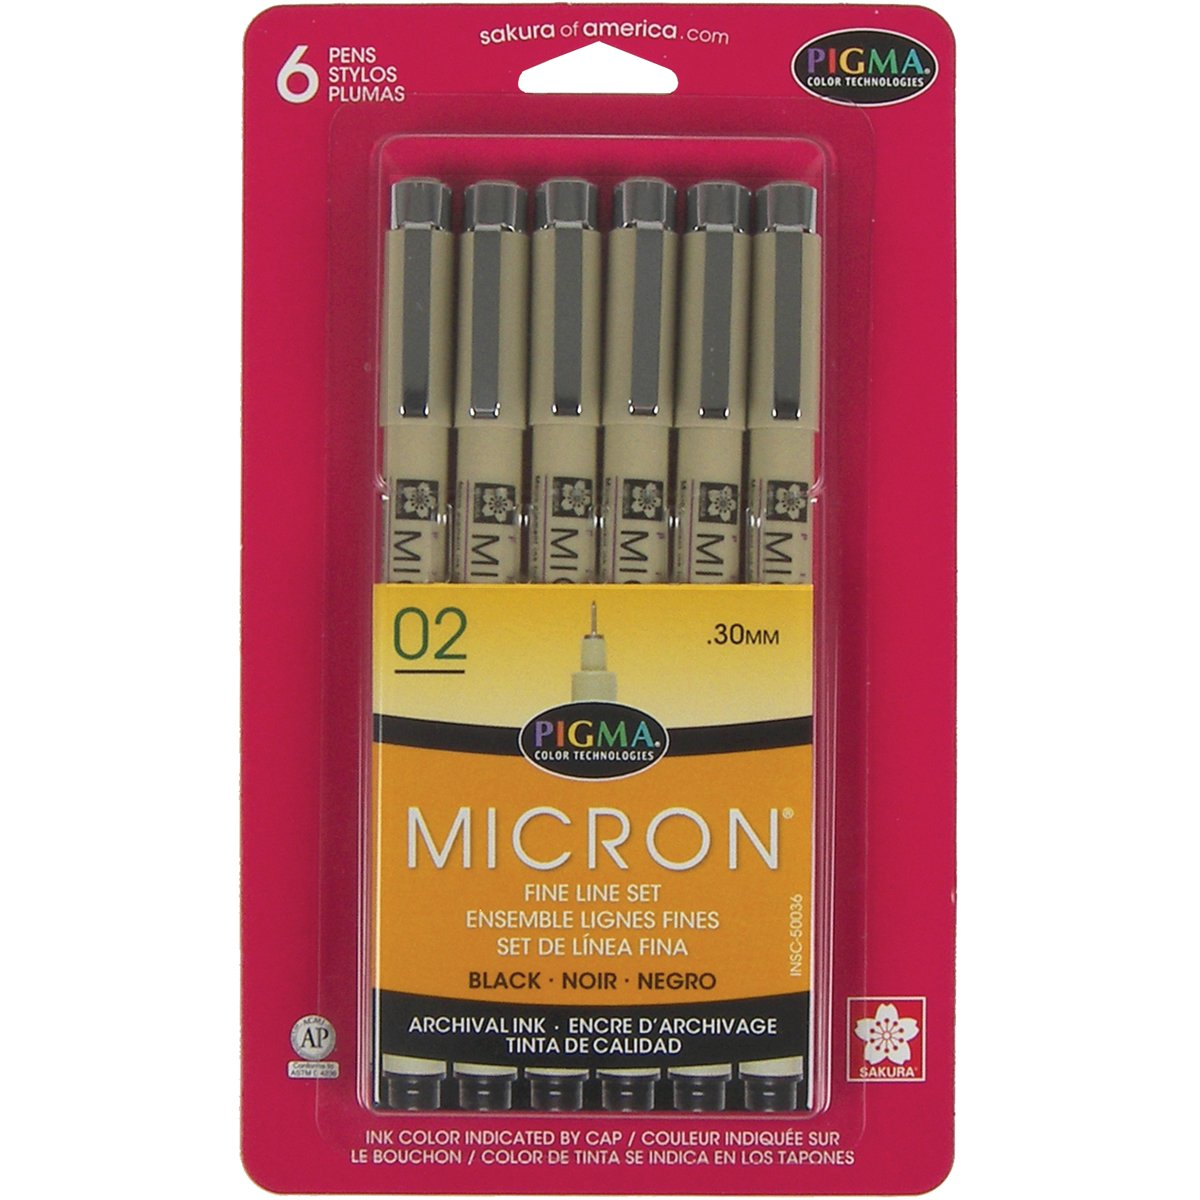 Sakura, penna ad inchiostro Pigma Micron, in blister di carta, Altro, Multicoloured, 3.27 x 12.79 x 19.78 cm 50036